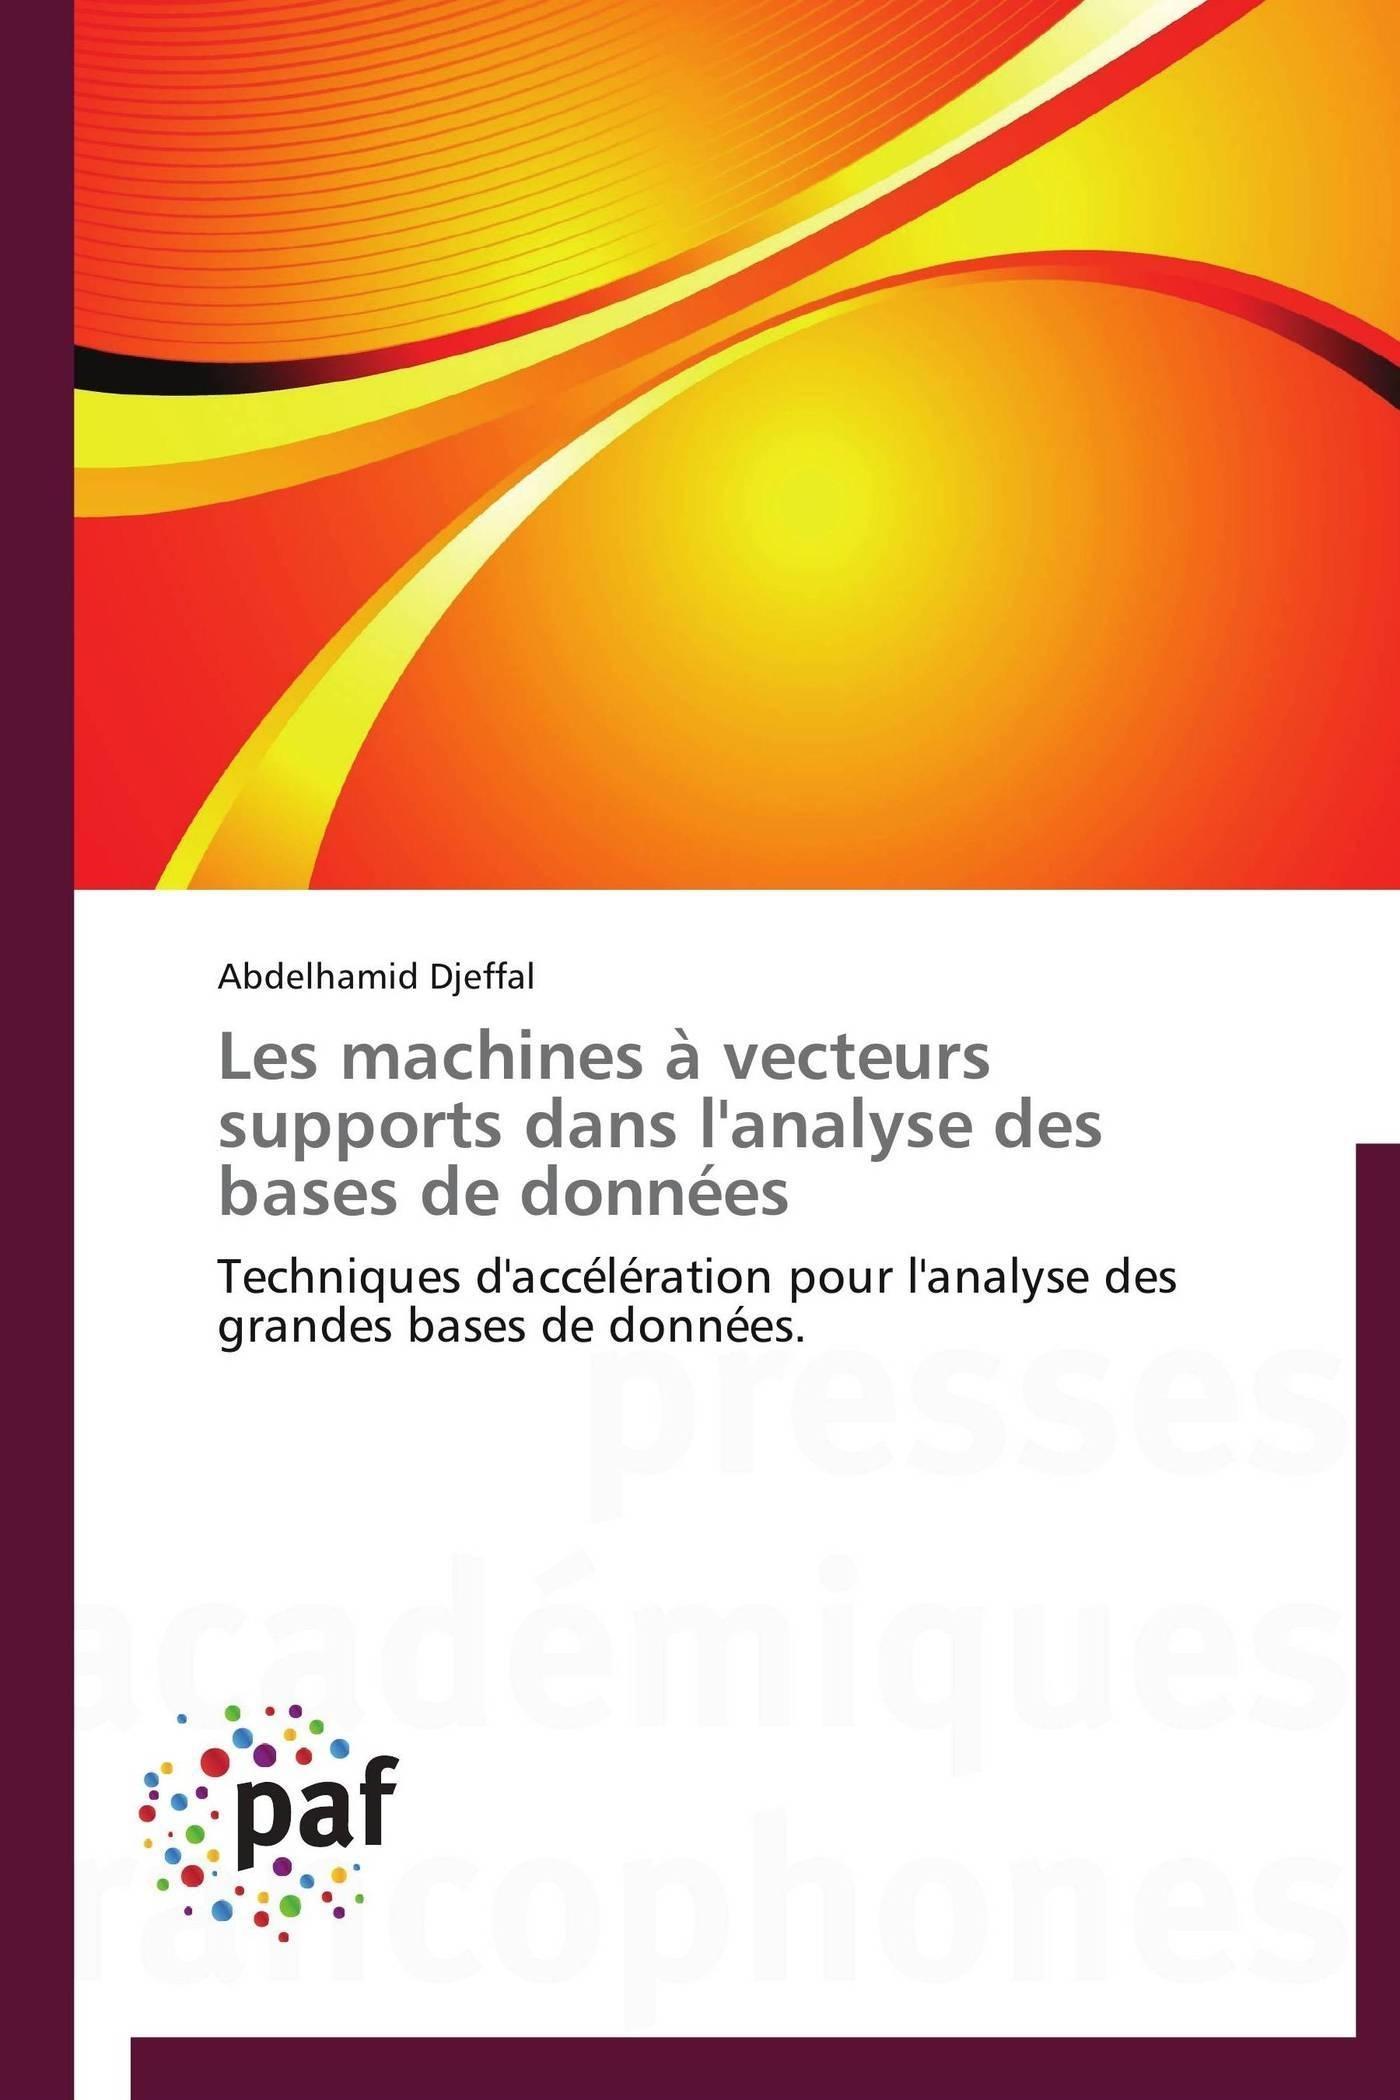 LES MACHINES A VECTEURS SUPPORTS DANS L'ANALYSE DES BASES DE DONNEES